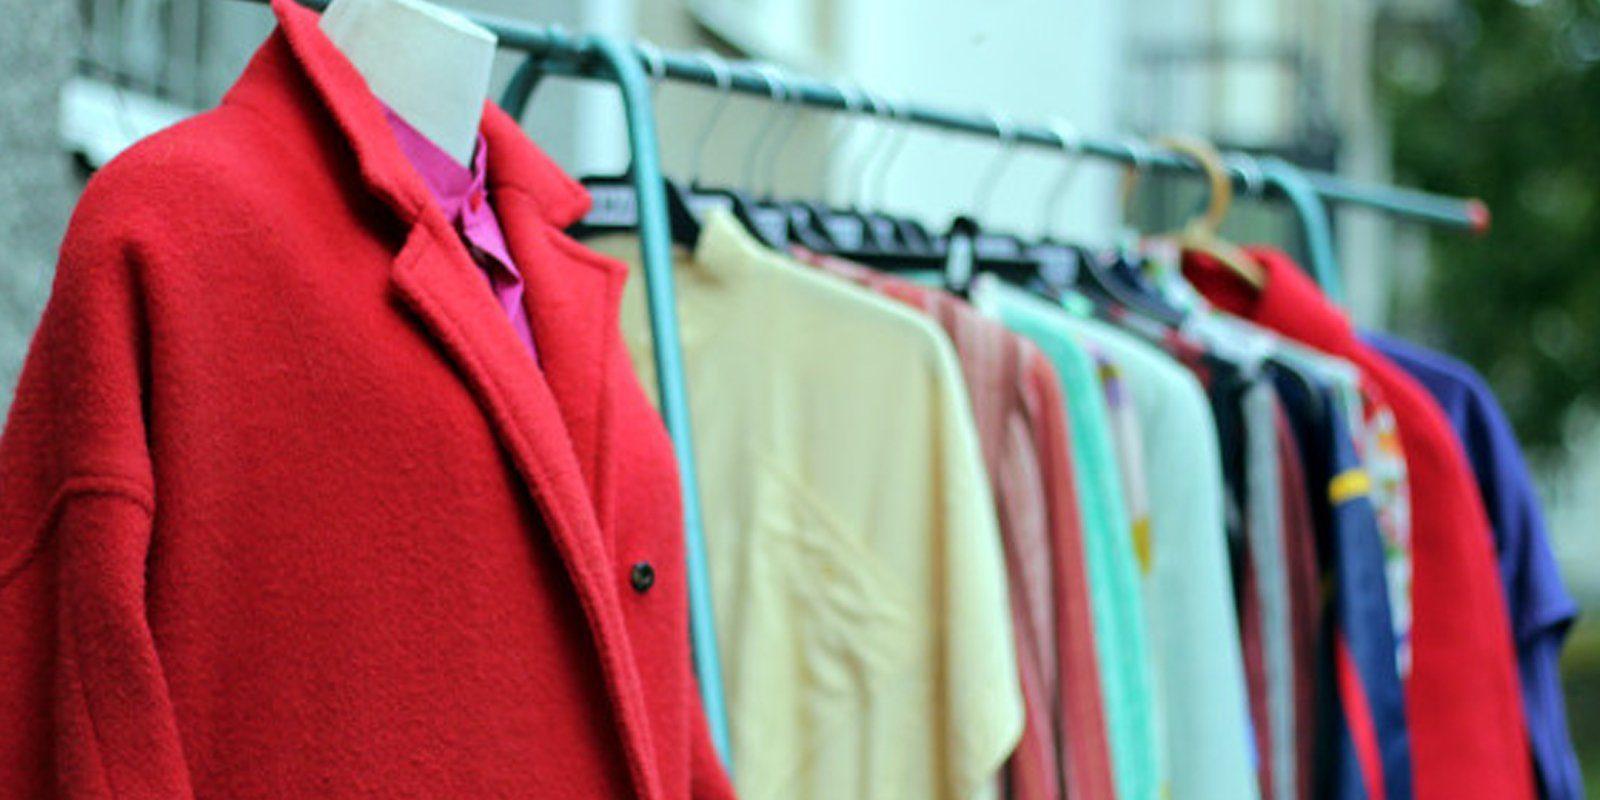 Begagnade kläder / Amano Stockholm Foto: Elin Dunås